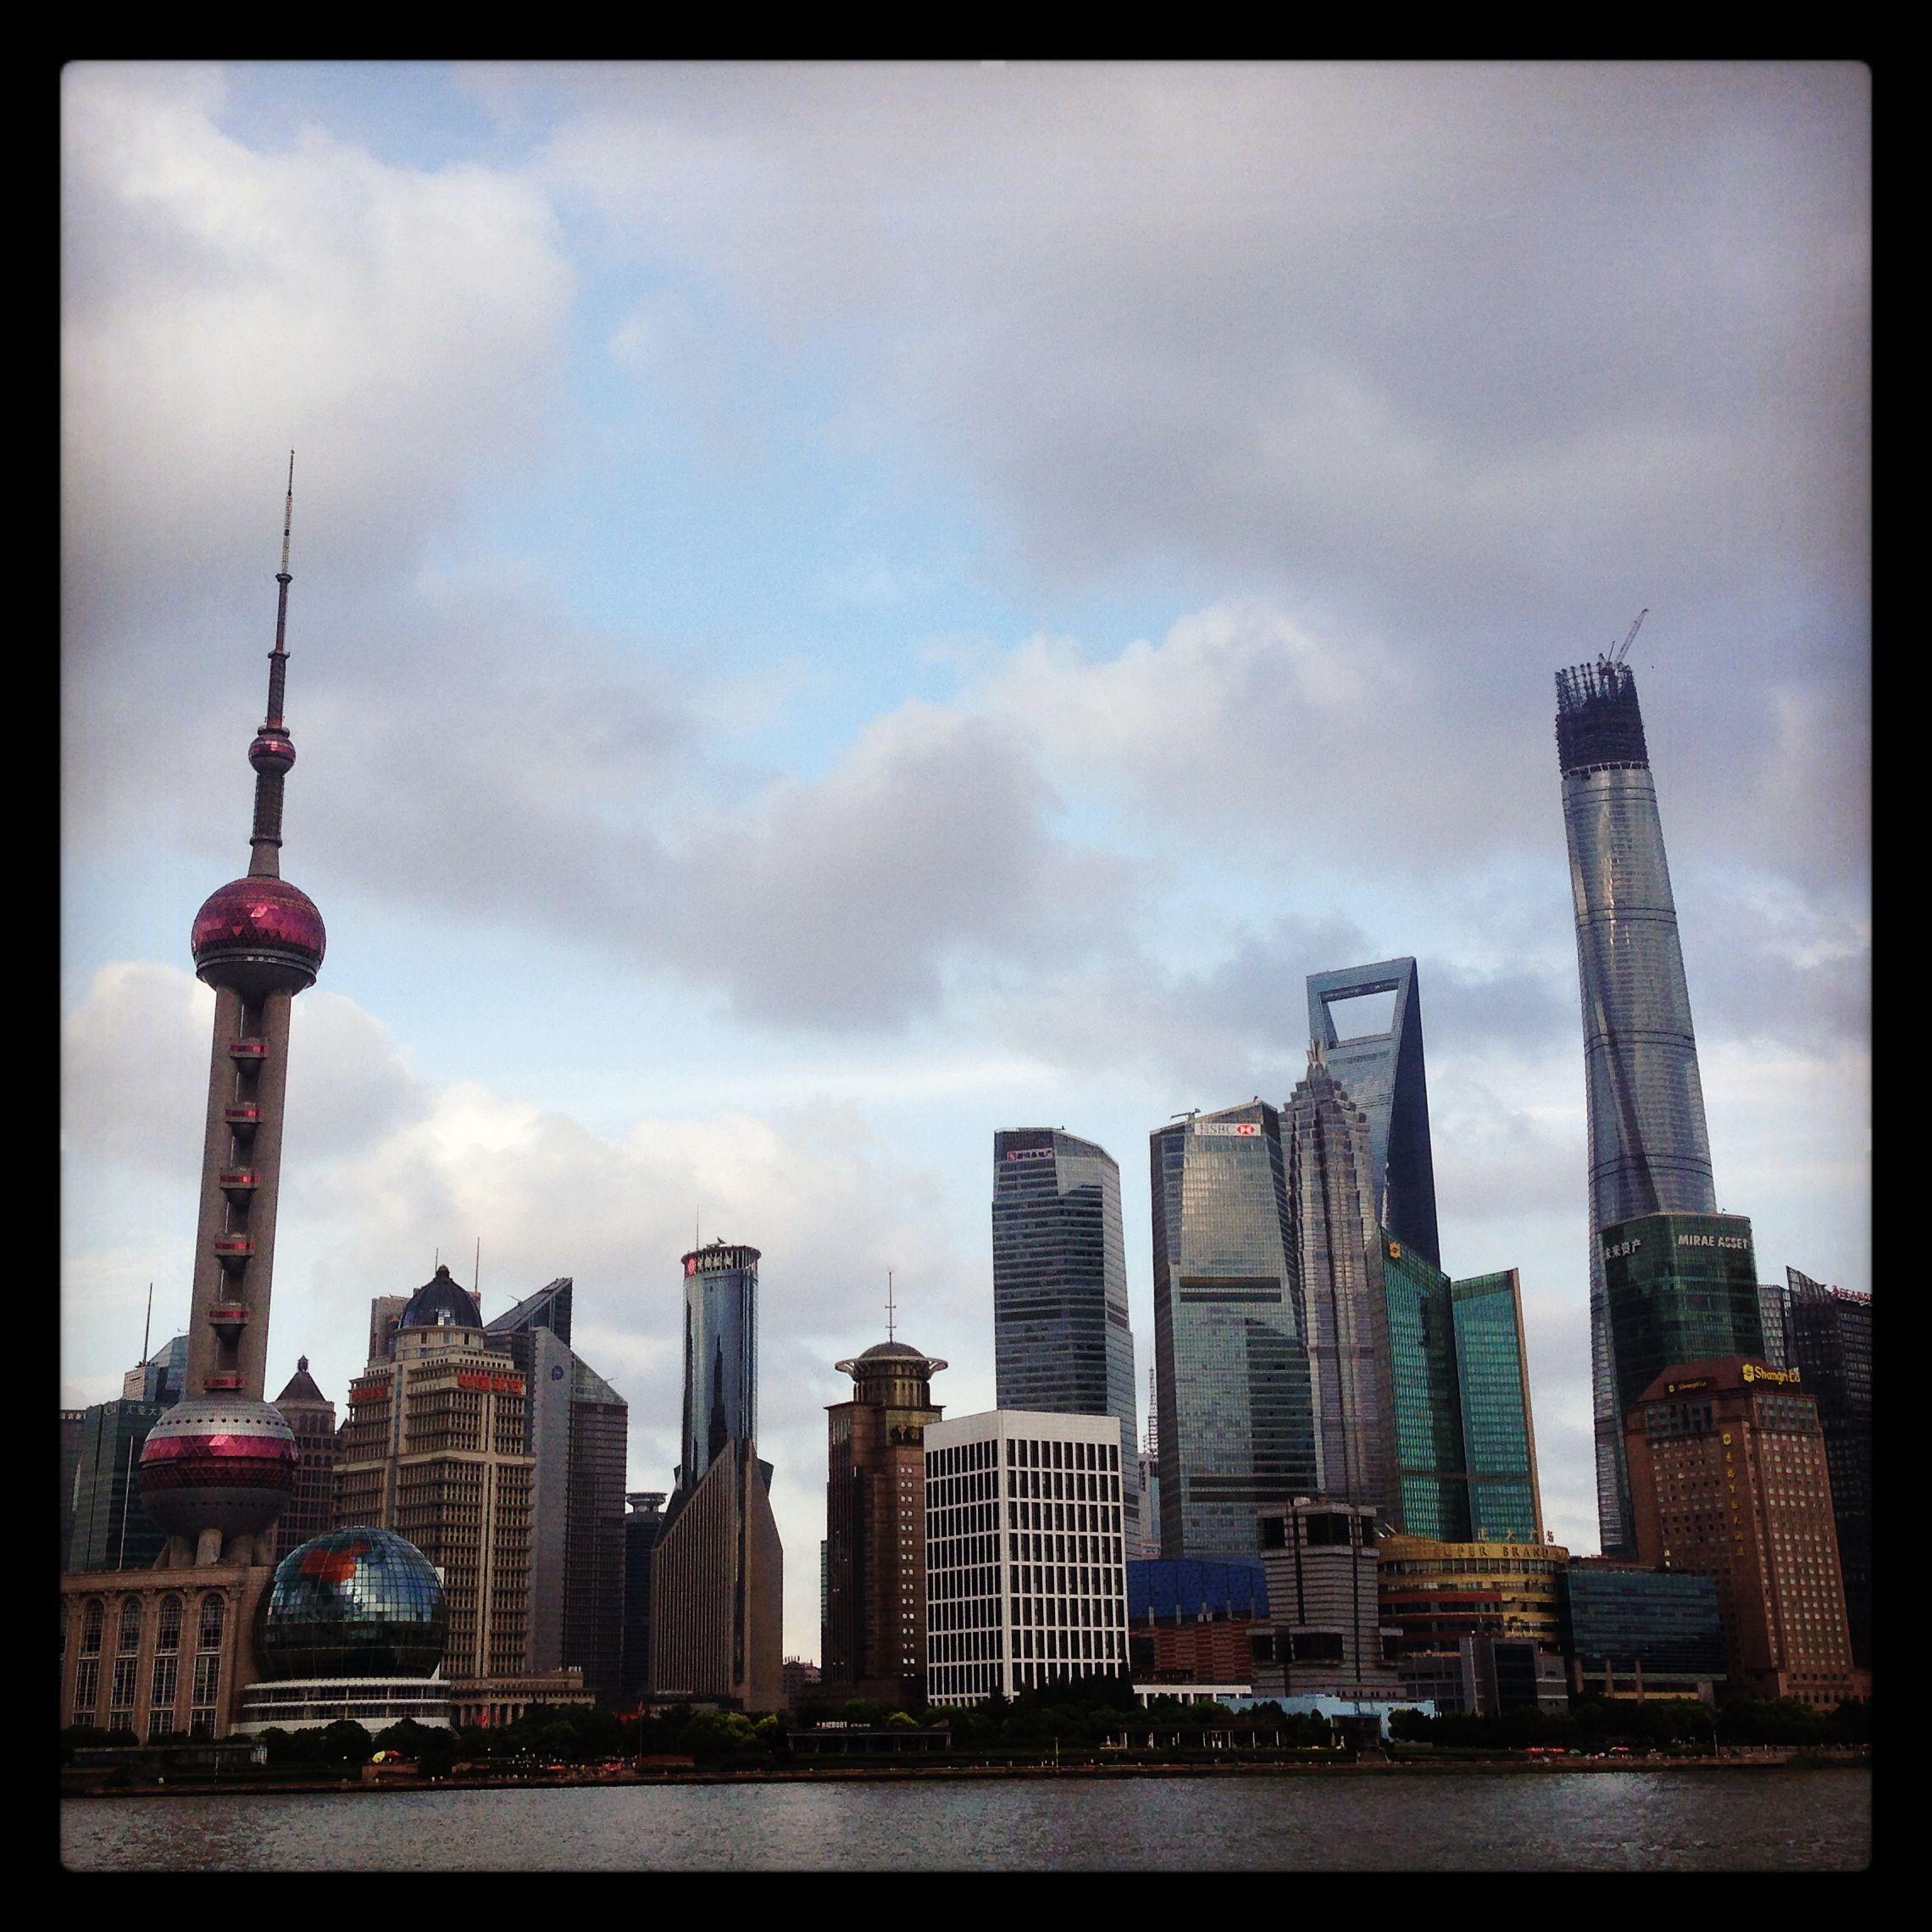 Shanghai - Distrito Financeiro de Pudong - Shanghai Tower em final de construção a direita da foto.